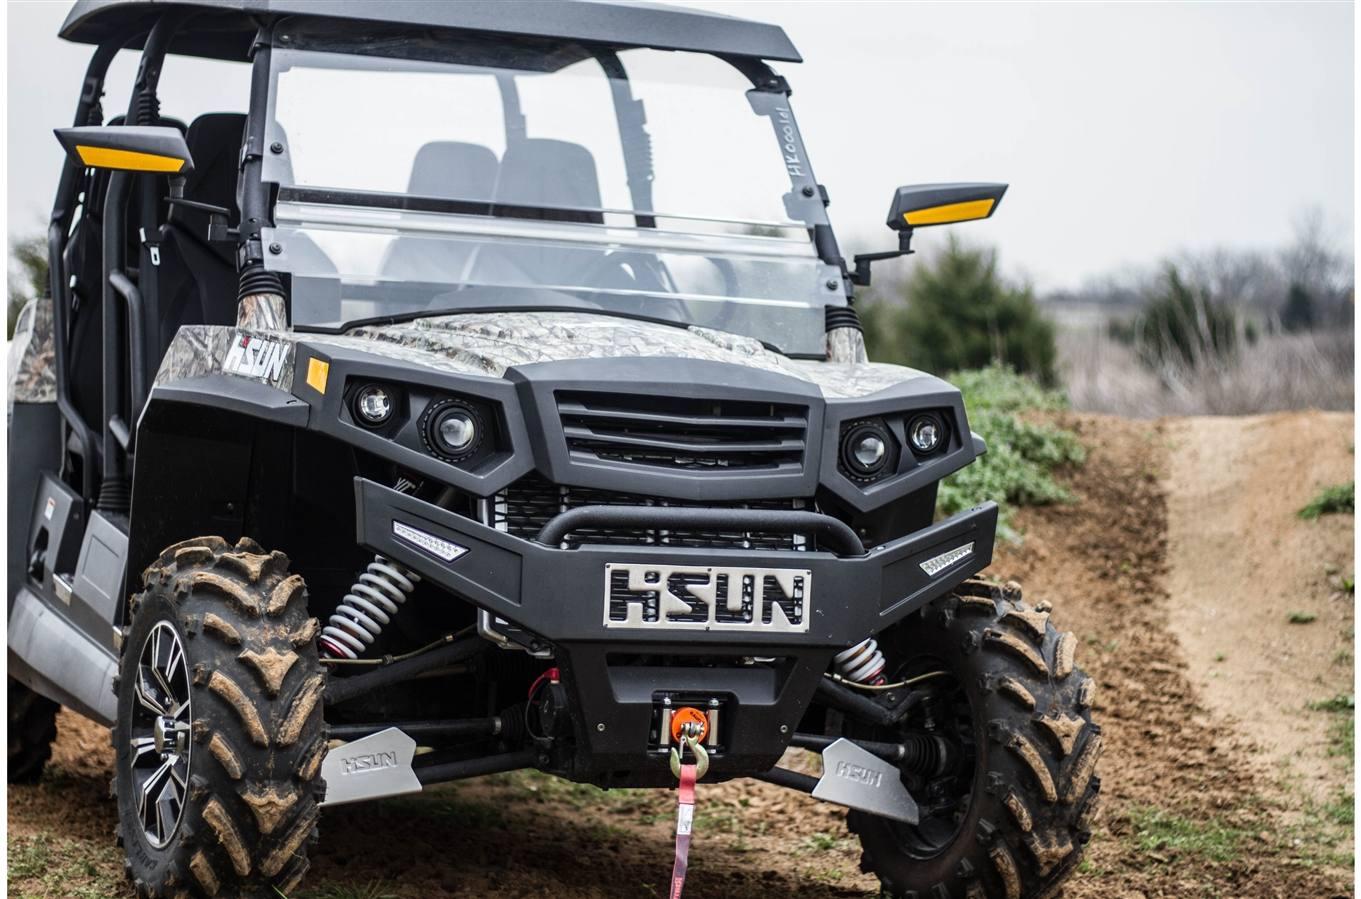 2019 Hisun Strike 1000 Crew